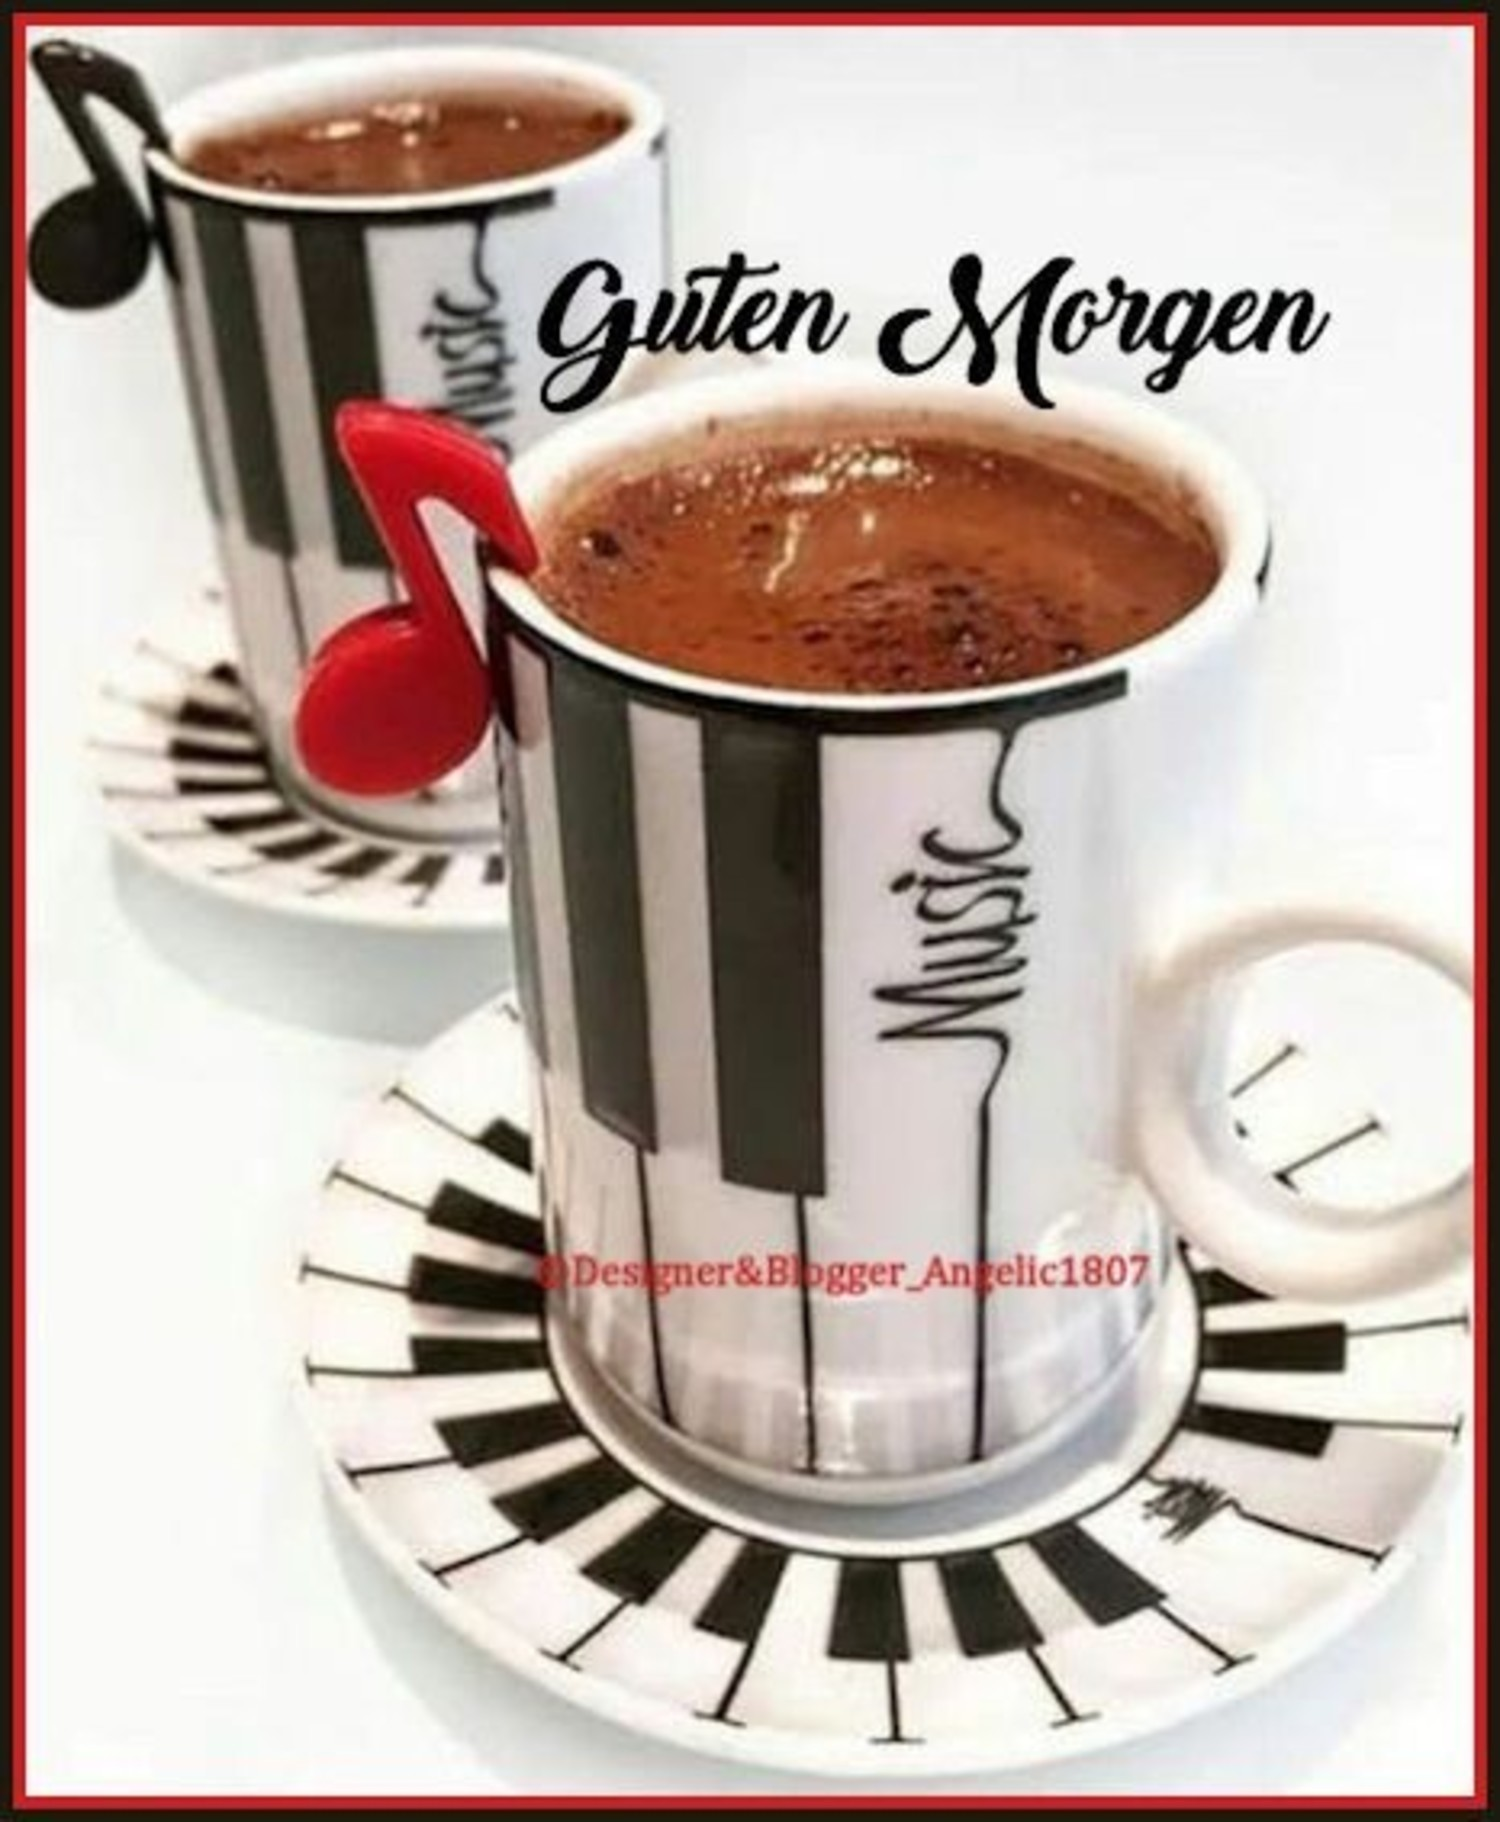 Fotos WhatsApp Guten Morgen - GBPicsBilder.com